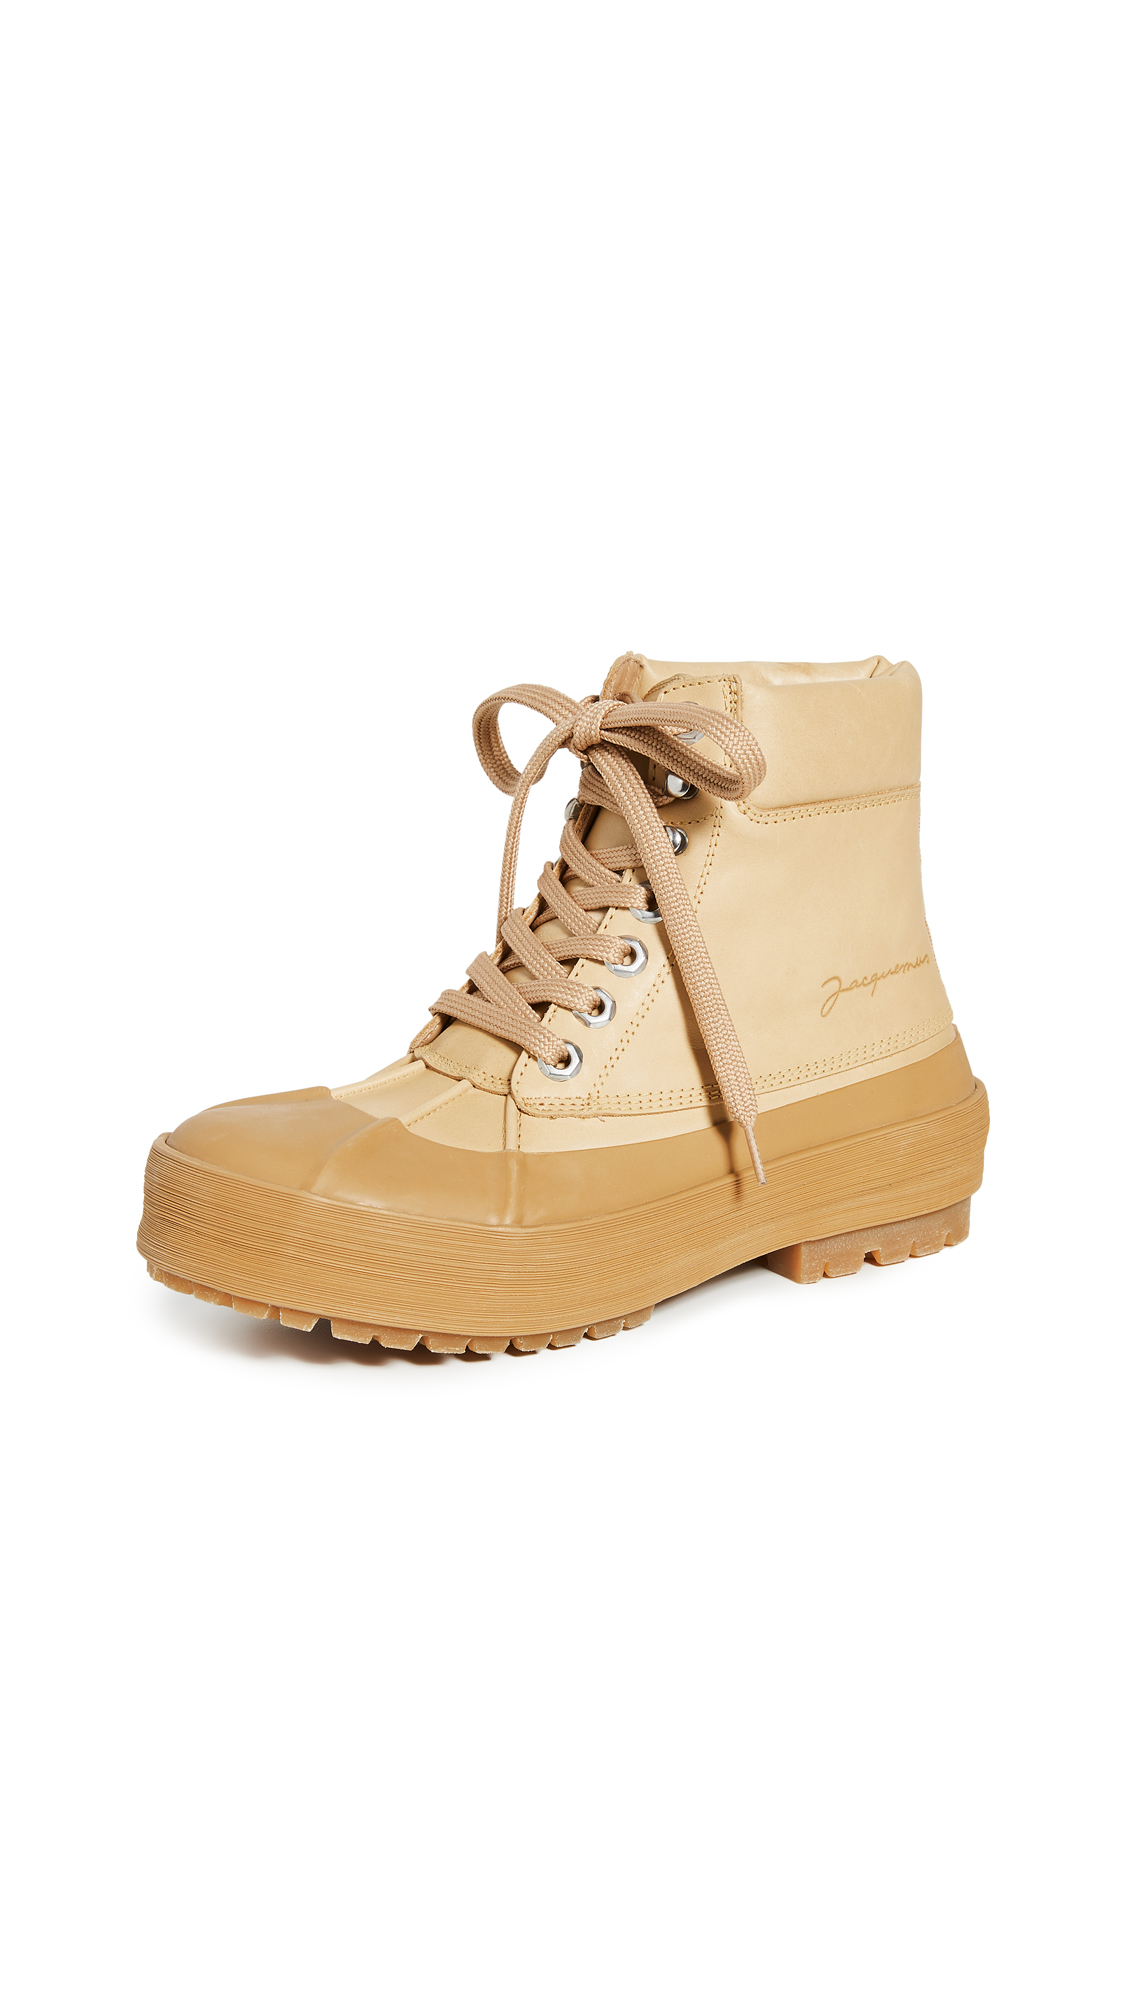 Jacquemus Les Meuniers Hautes Boots – 60% Off Sale